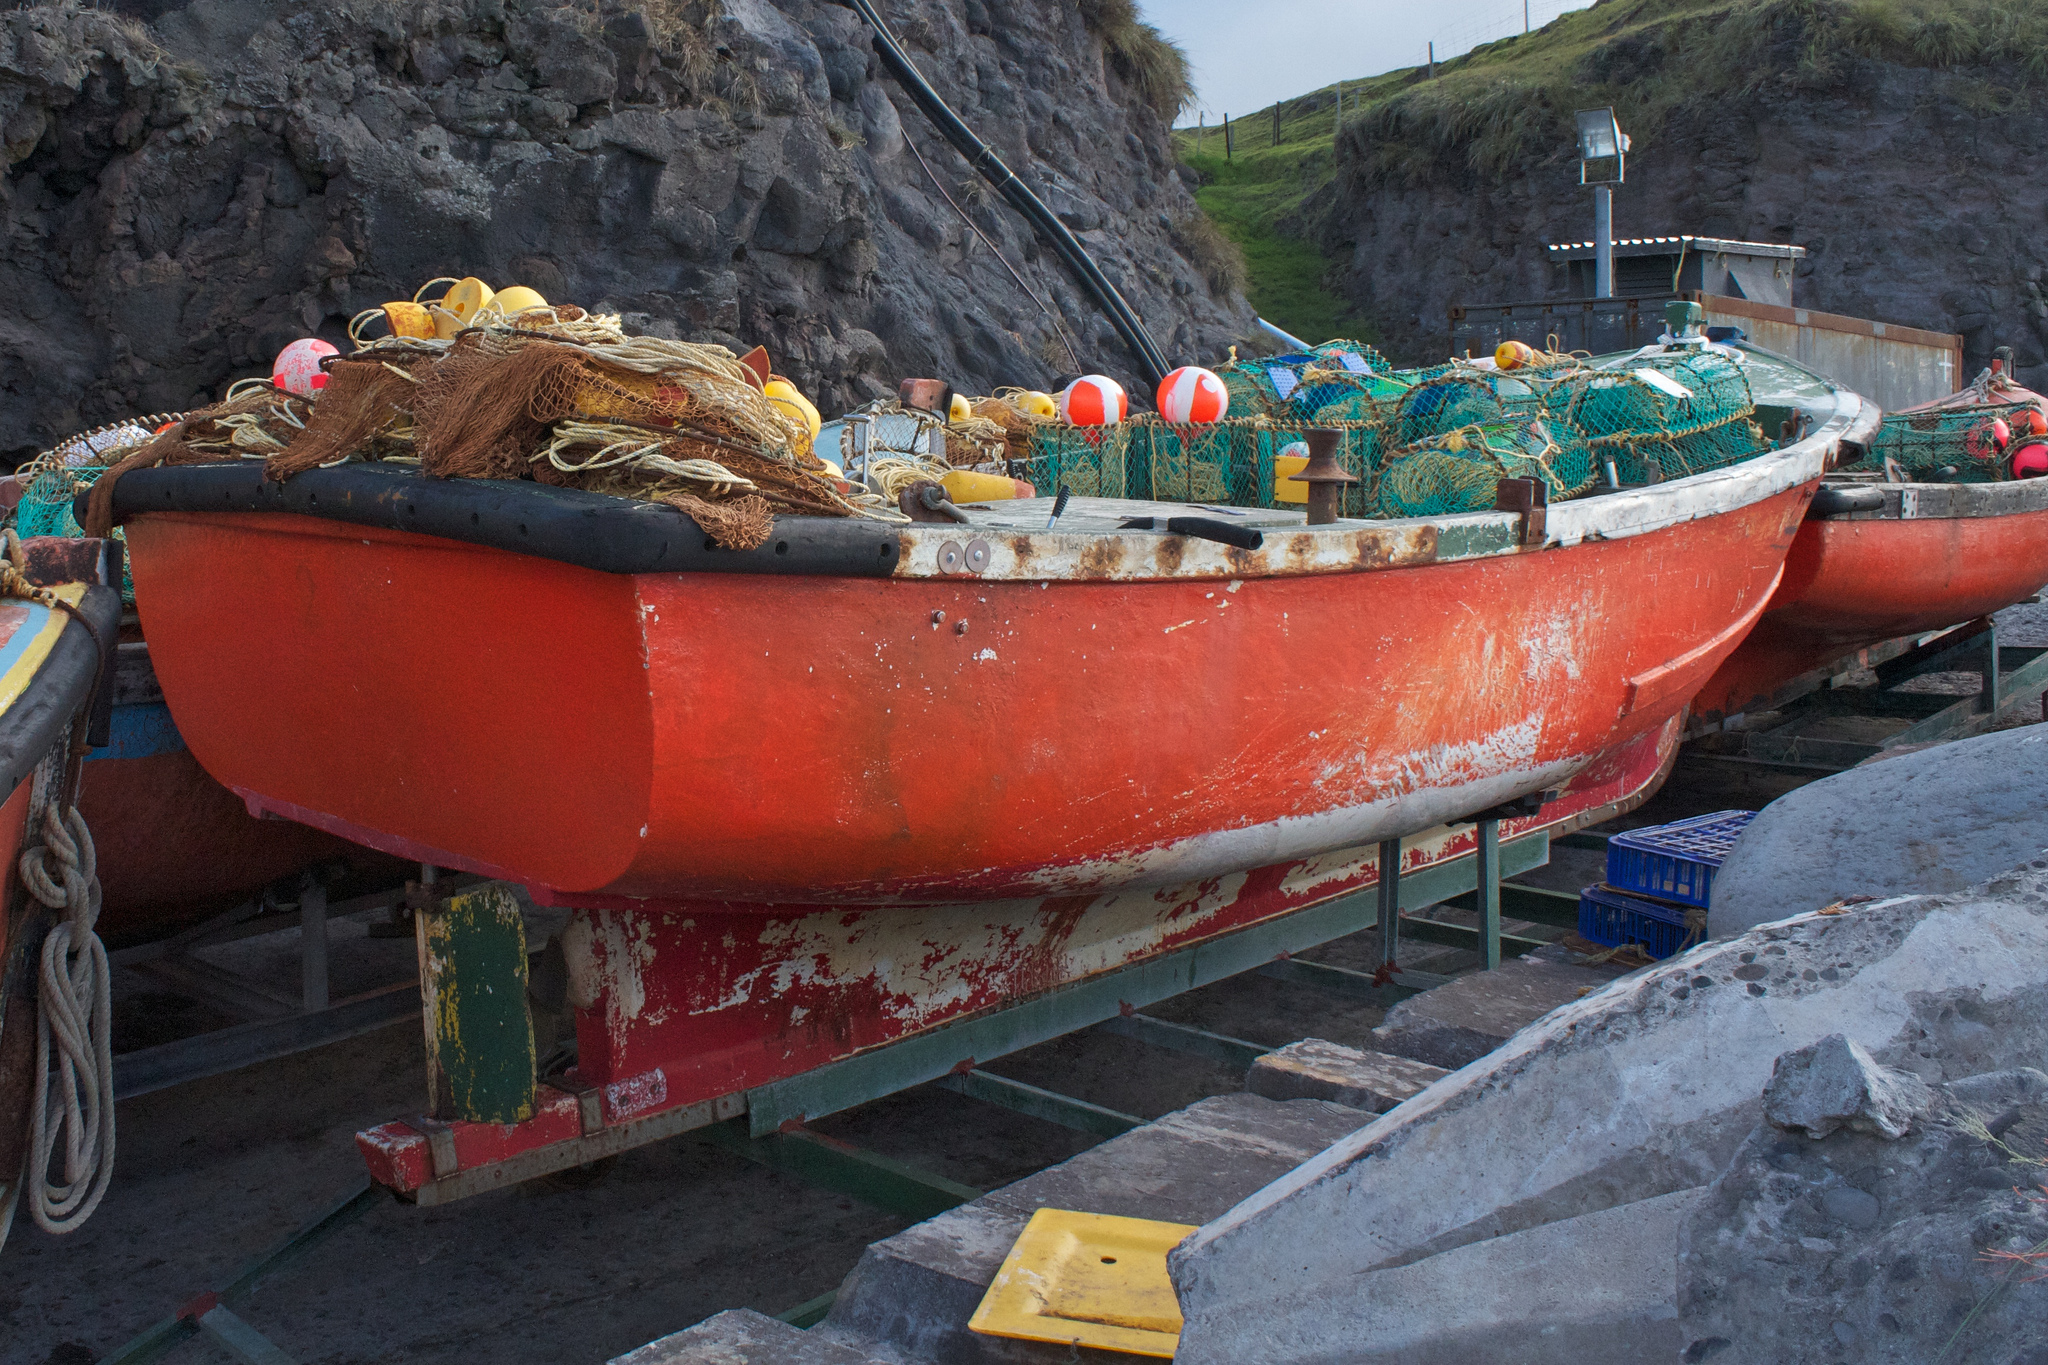 Brian Gratwicke lobster boat